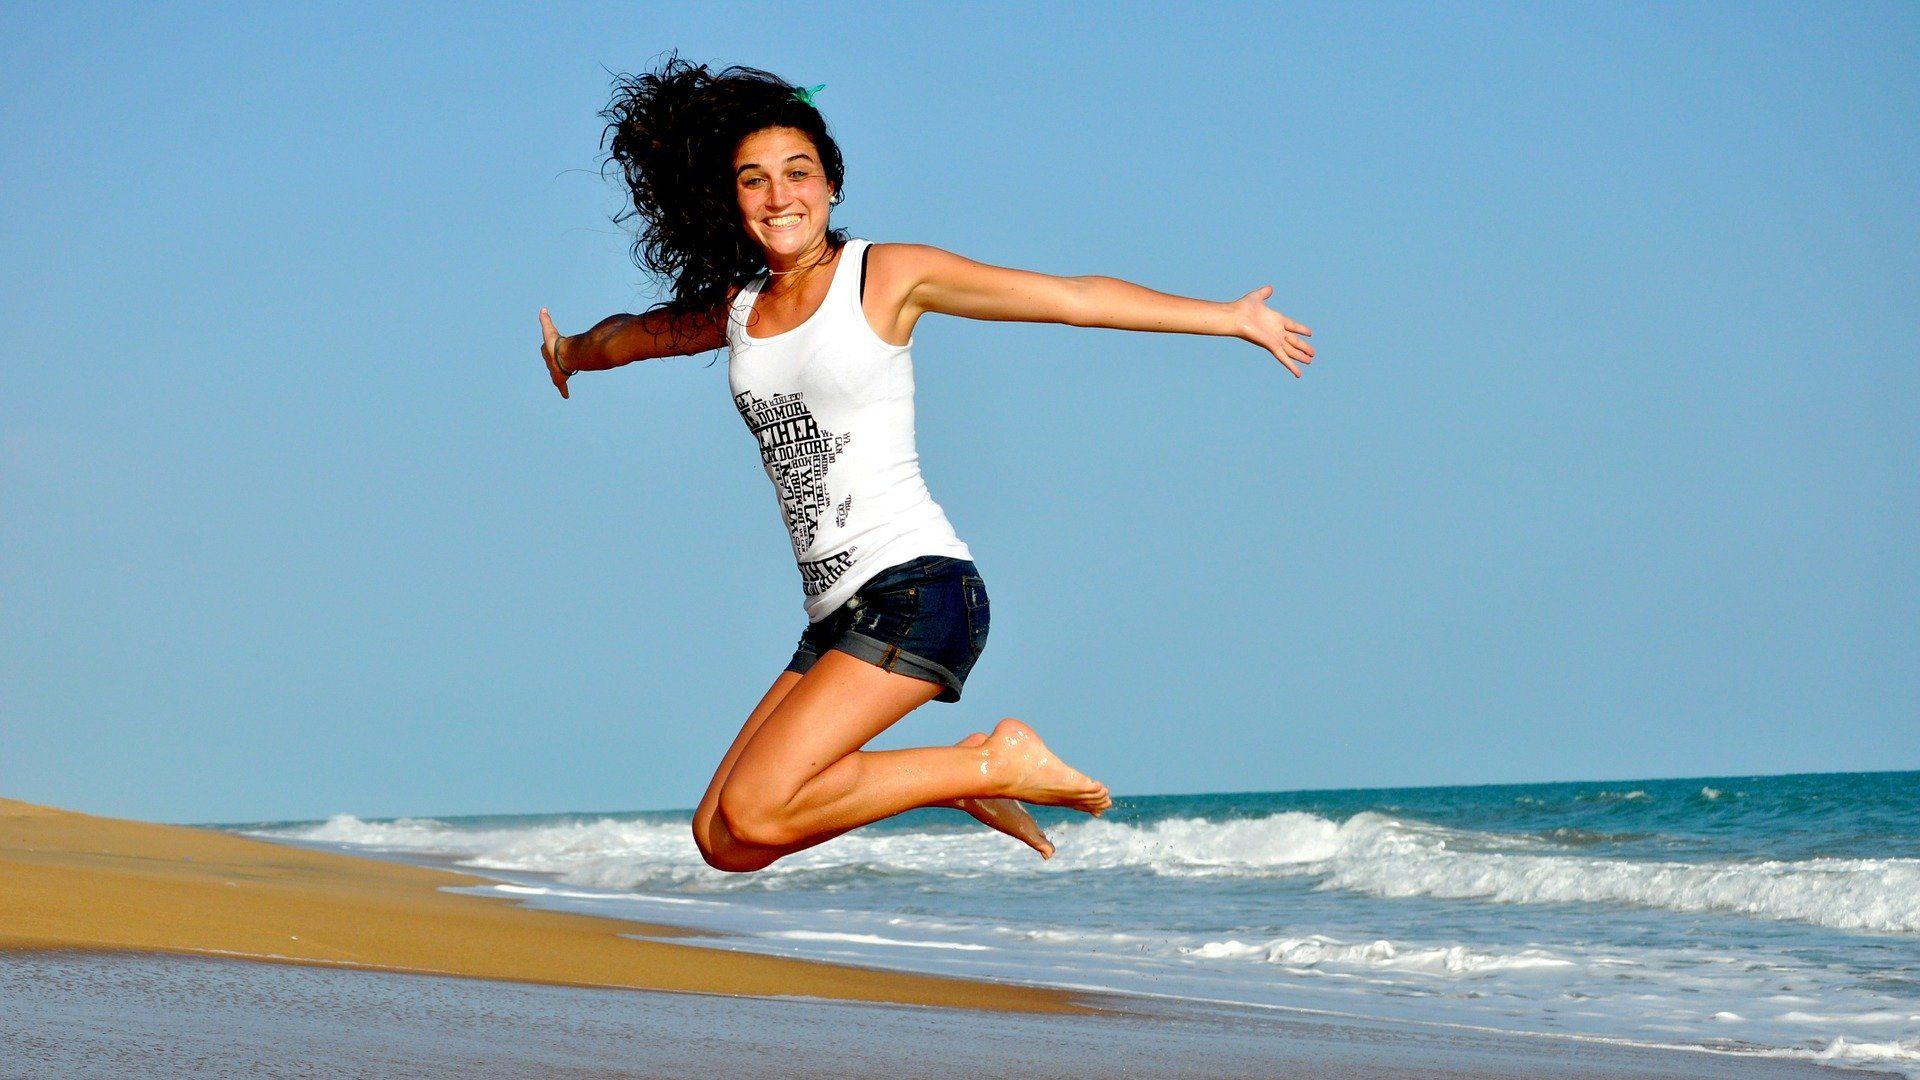 Oxygen Advantage - wzorce oddechowe - zdrowy oddech w sporcie.